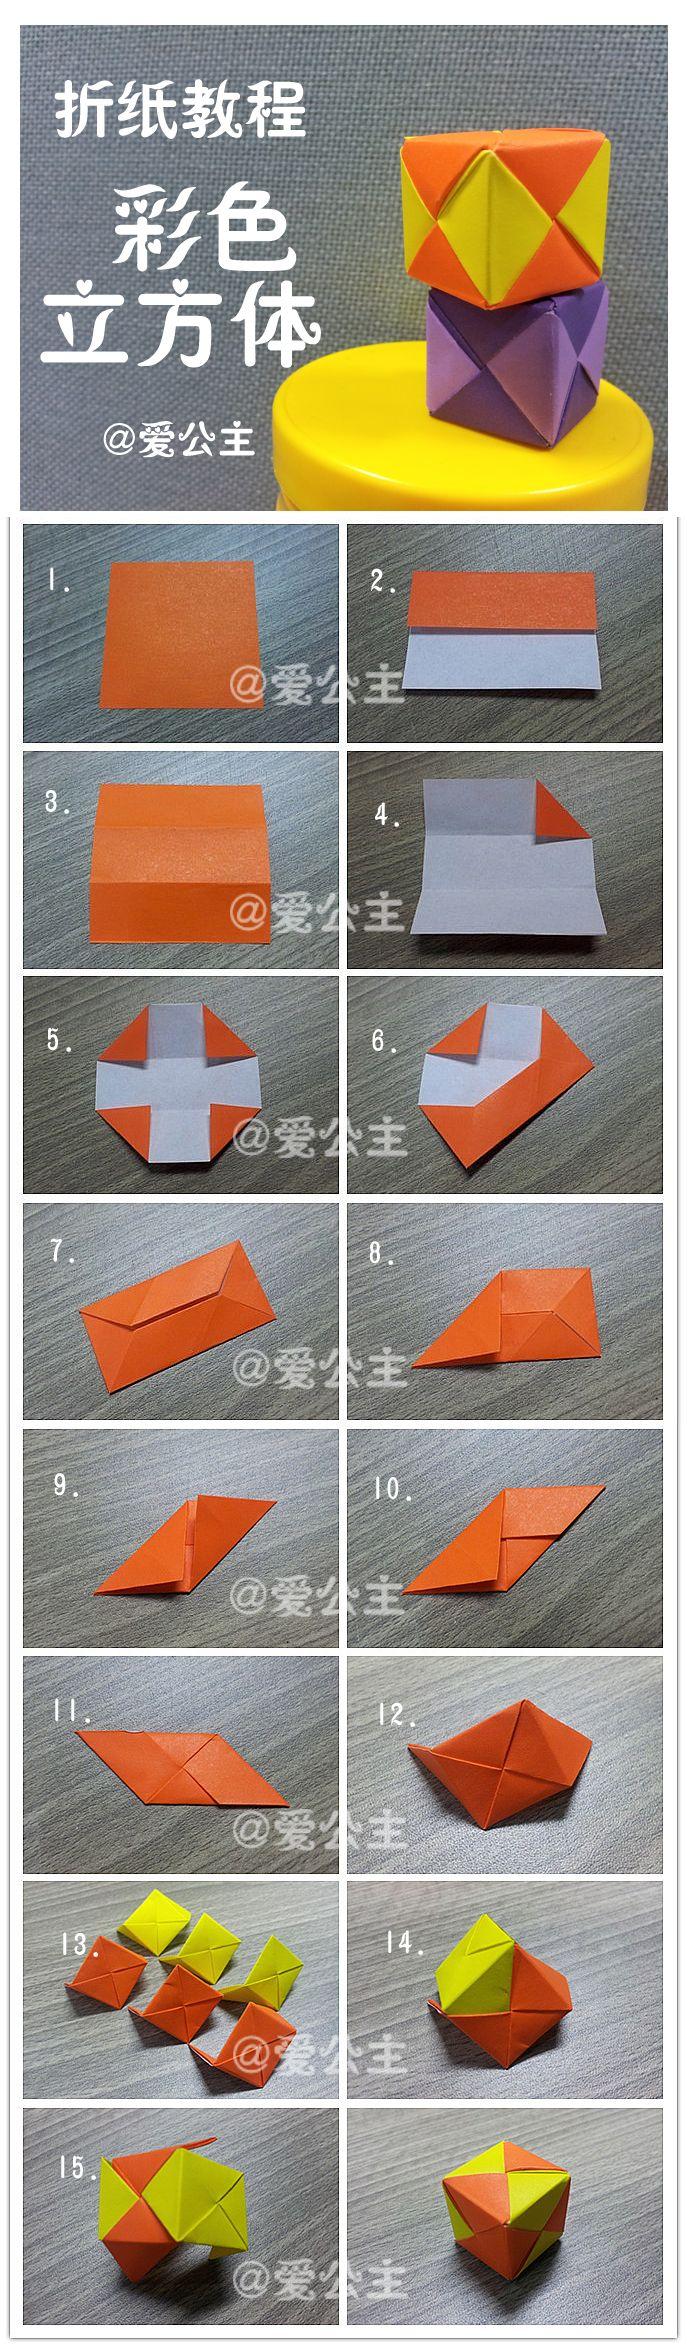 Origamis los mejores para hacer desde la casa comparte origami hace